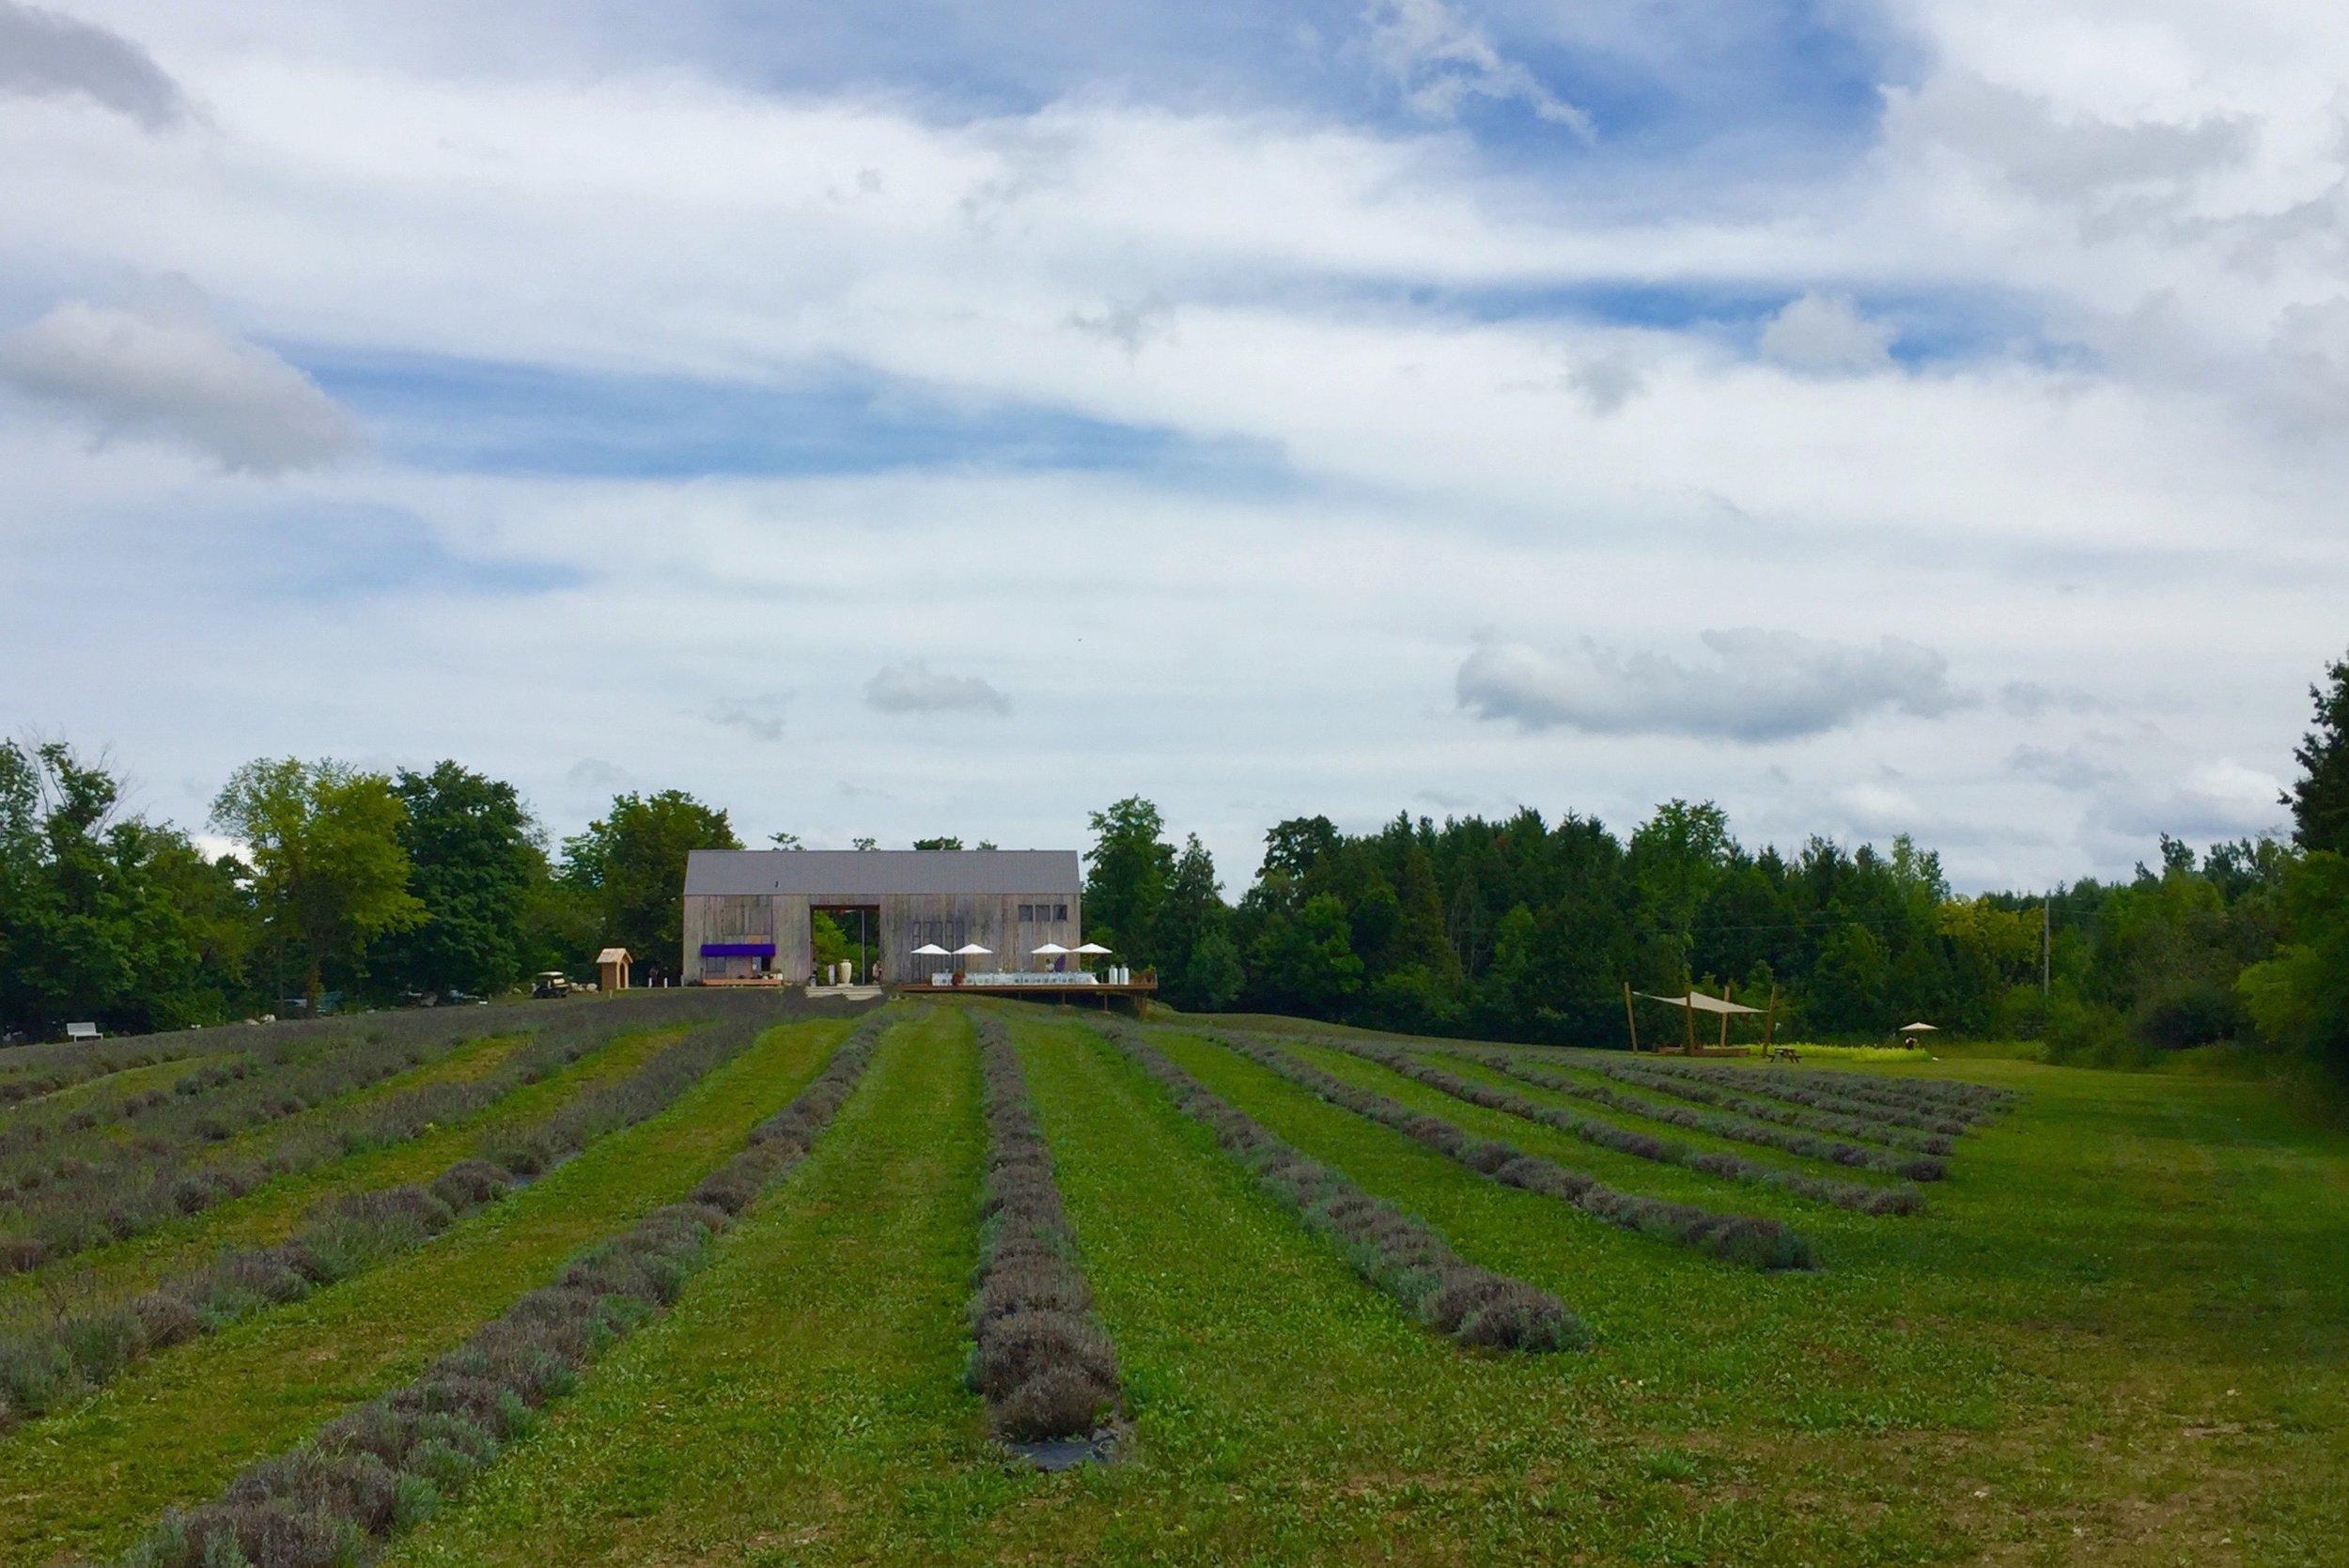 terre bleu lavender farm